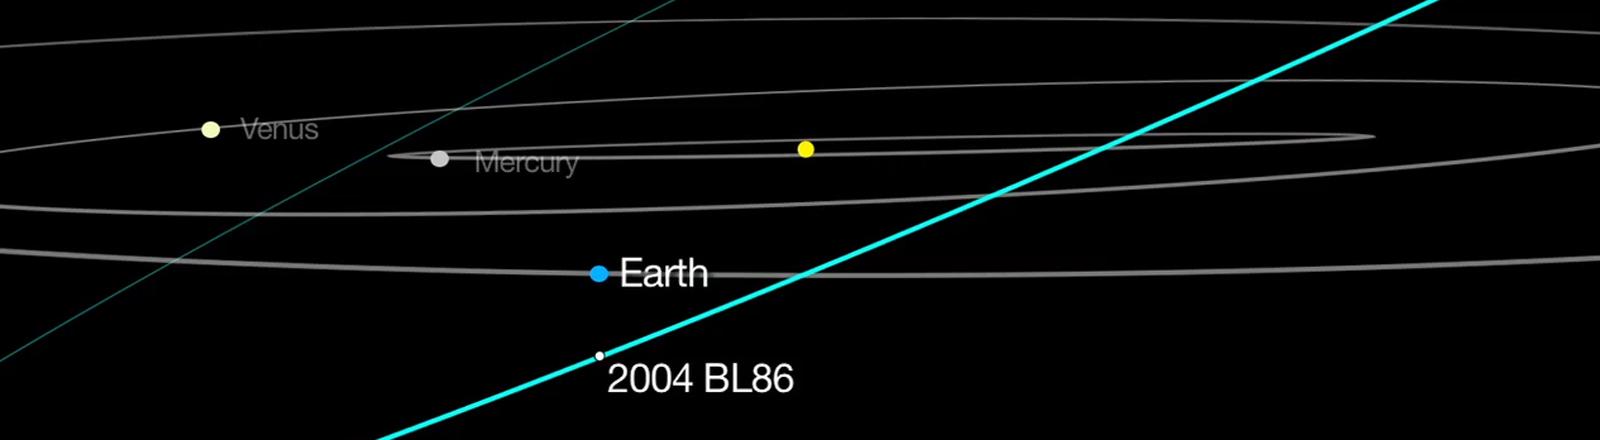 Eine Grafik über die Passage des Asteroiden 2004 BL86 an der Erde